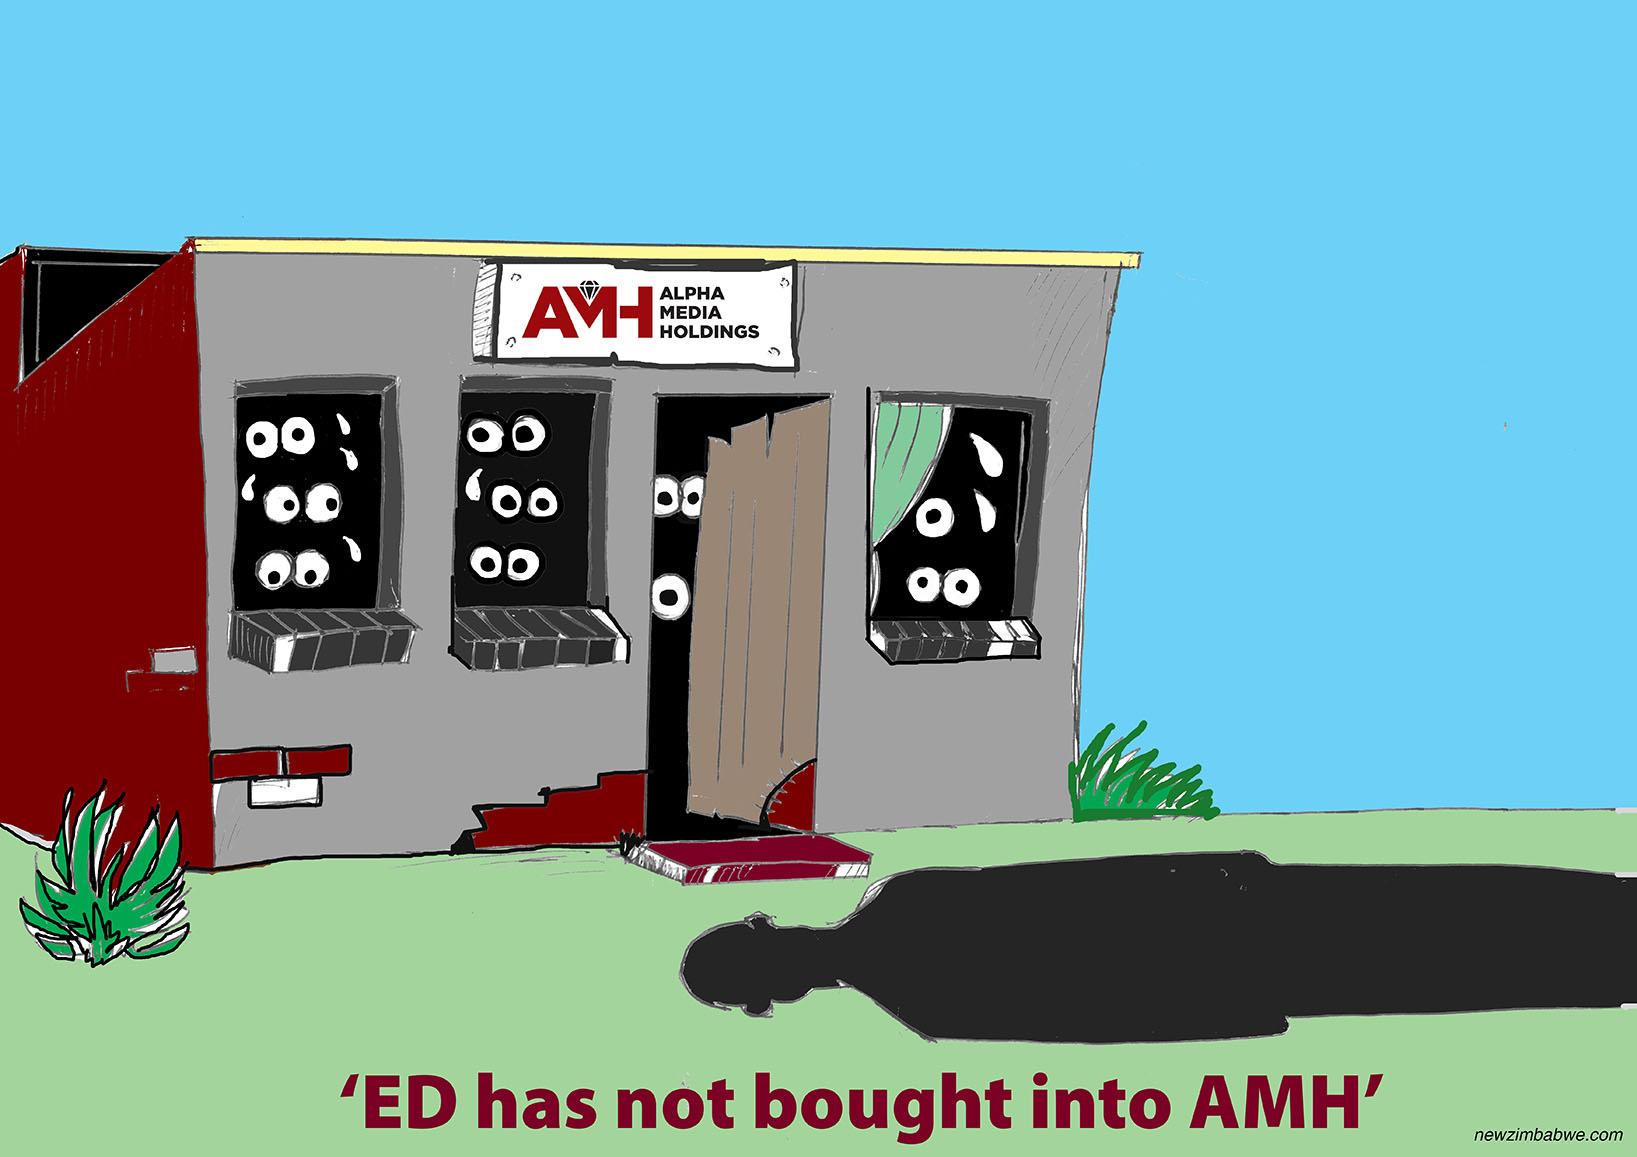 Mnangagwa has not bought into AMH